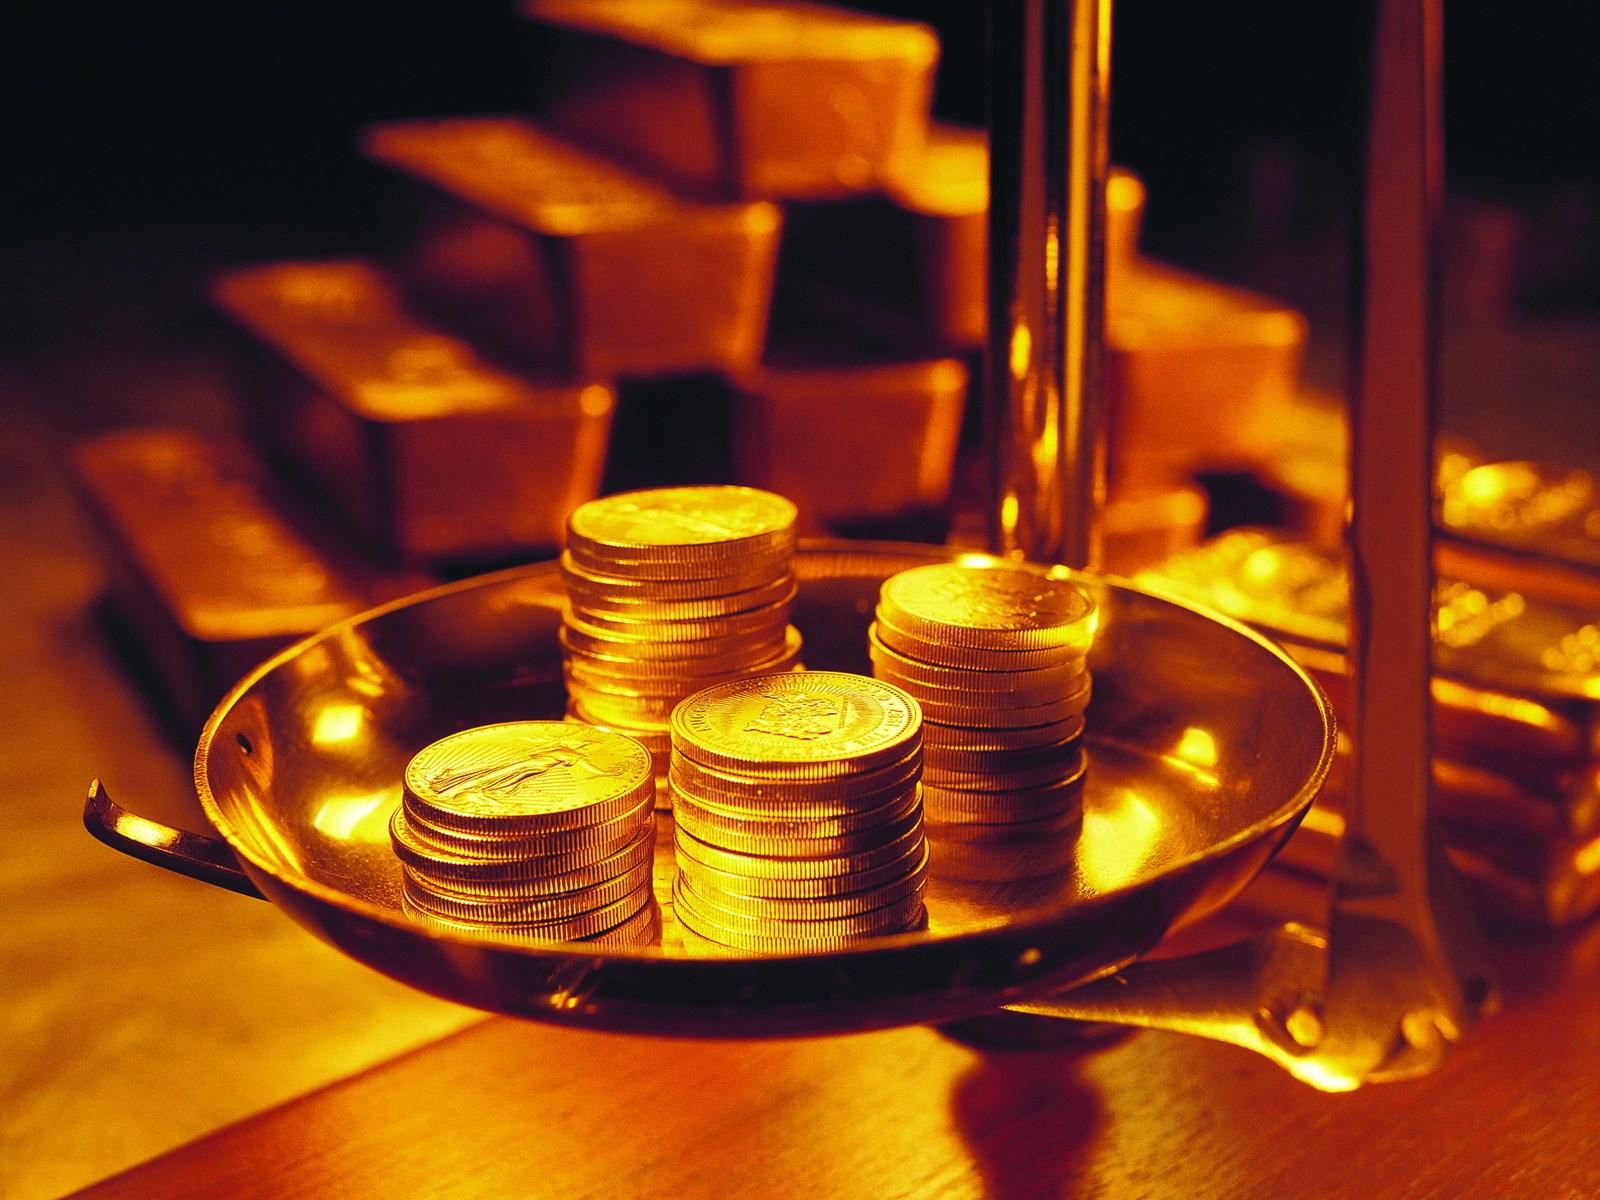 Giá vàng hôm nay 16/9: Tăng nhẹ trở lại sau khi một lần nữa không giữ được mốc 1.800 USD